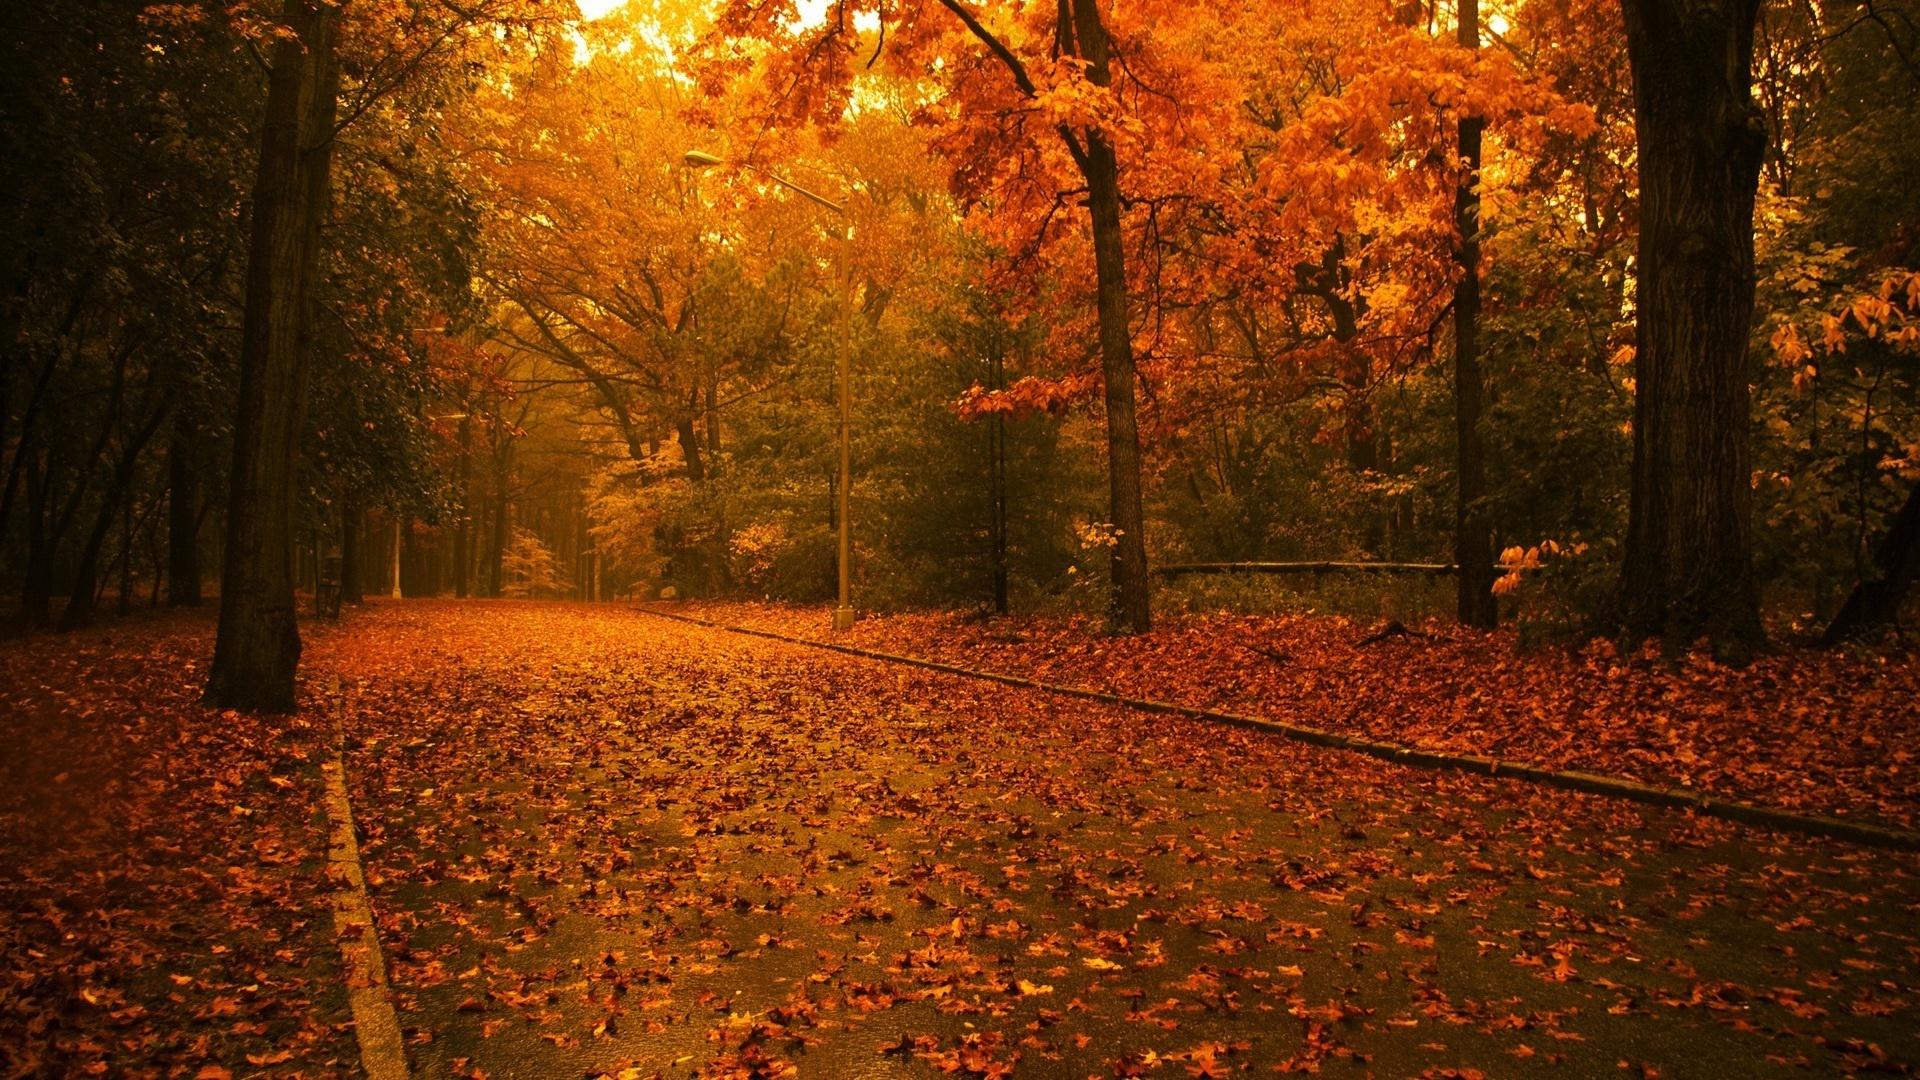 Hình nền phong cảnh mùa thu